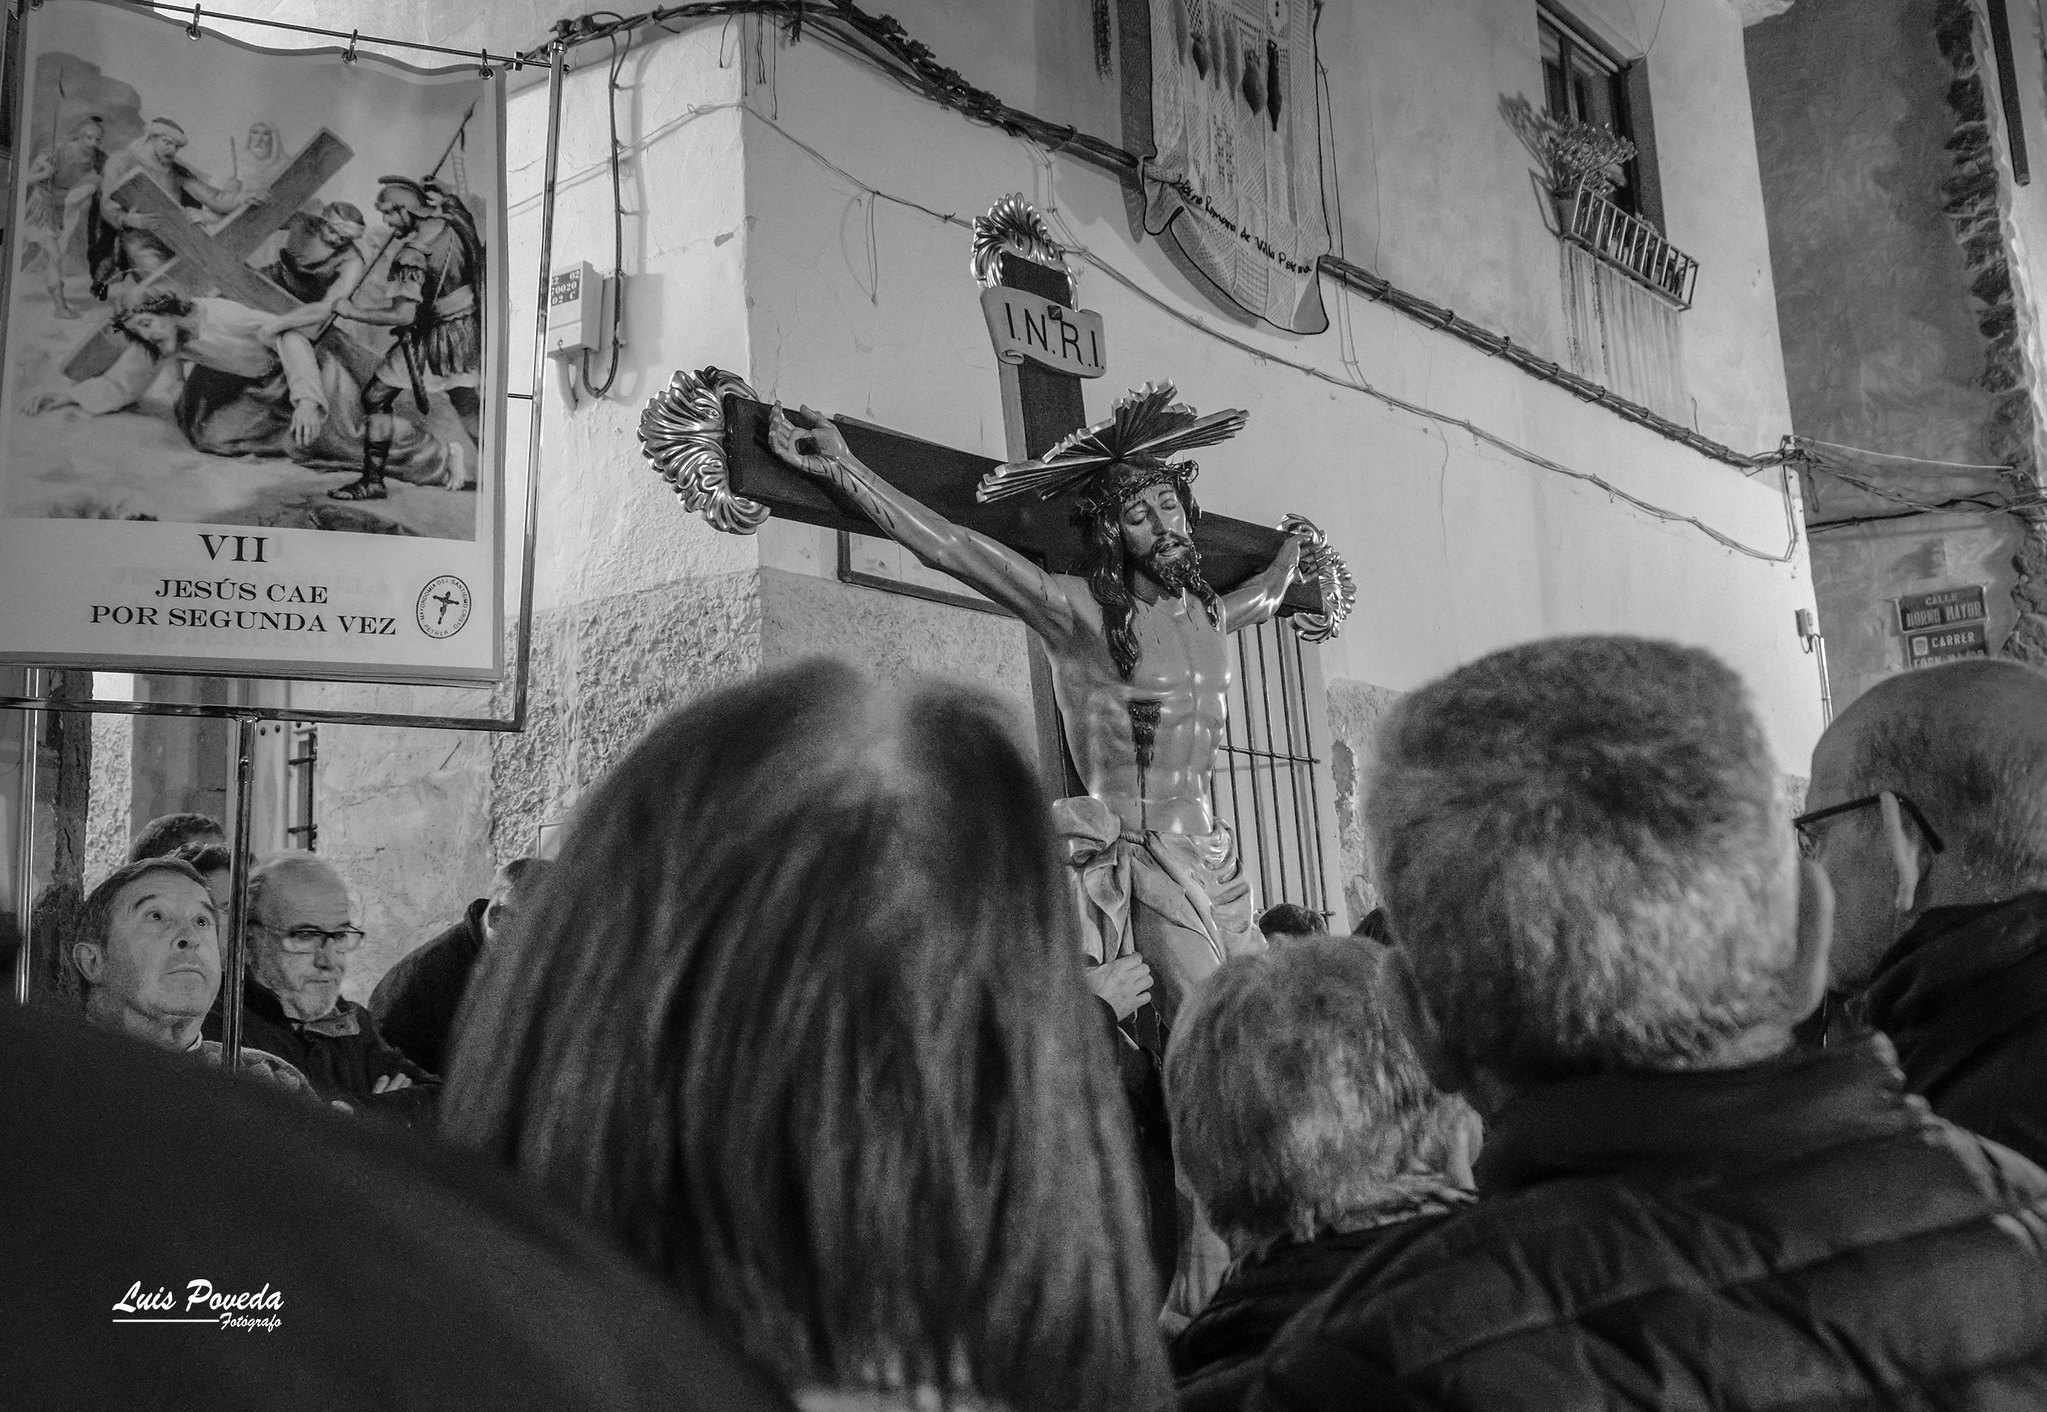 (2019-04-12) - X Vía Crucis nocturno - Luis Poveda Galiano (11)